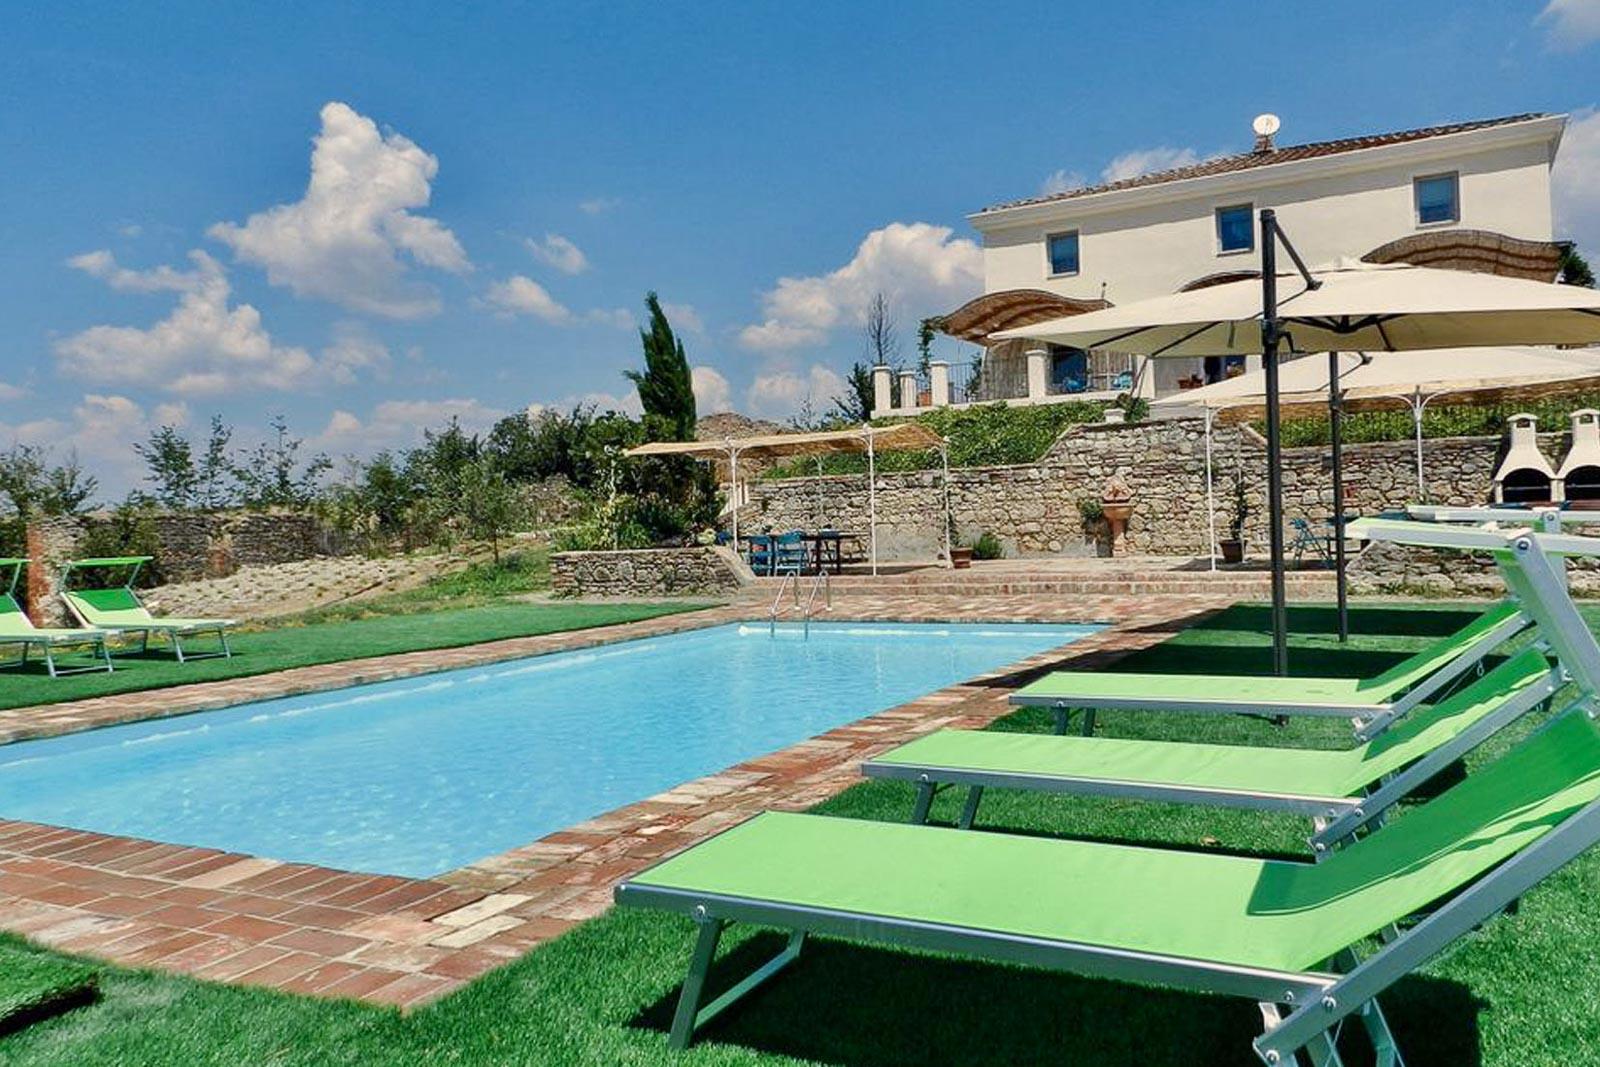 Splendida villa con piscina e annesso da ristrutturare, con vista mozzafiato vicino a Siena in Toscana